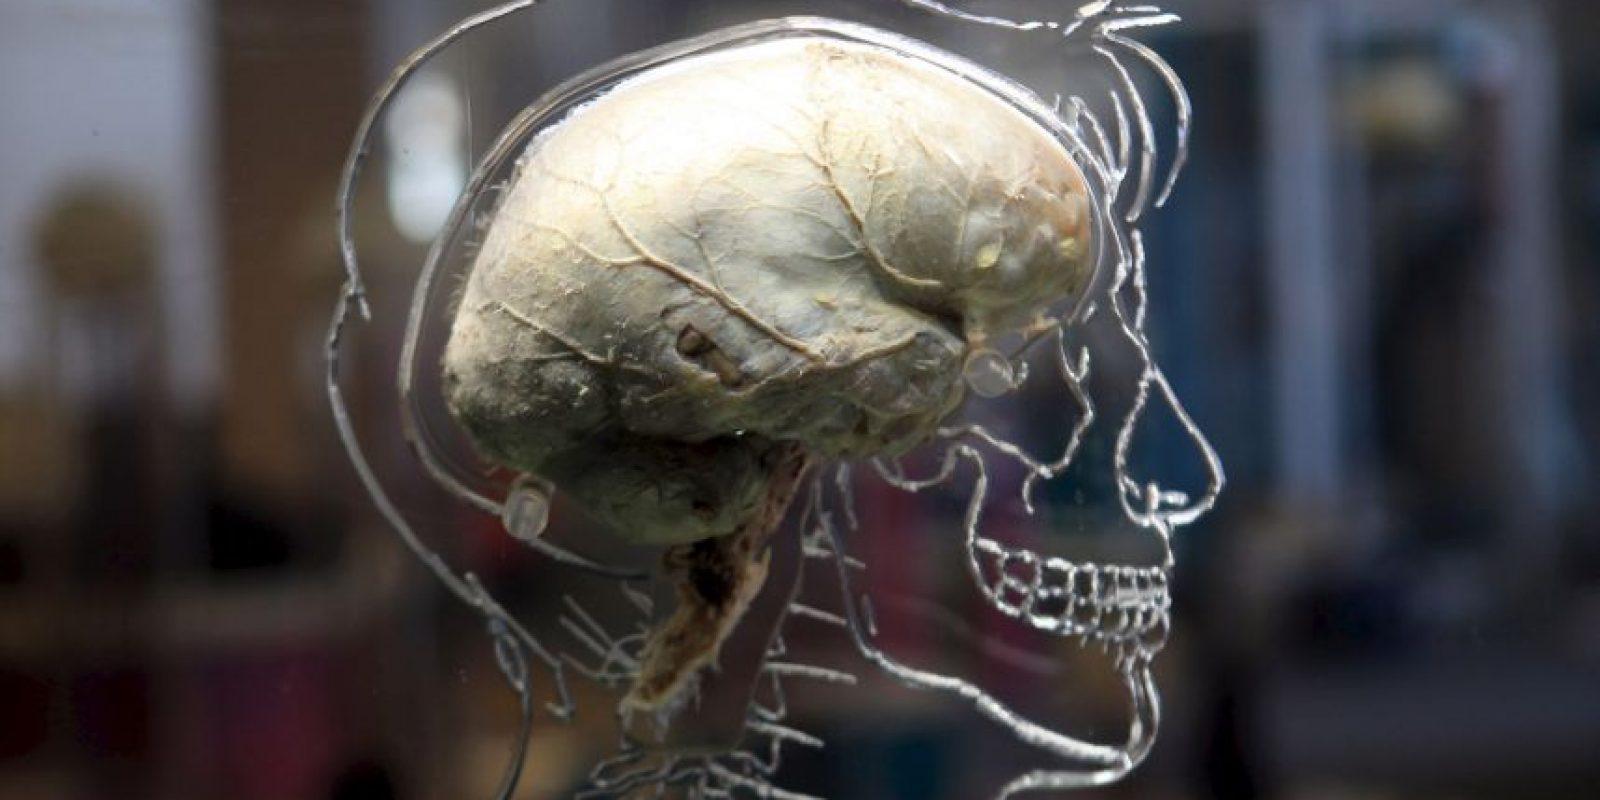 Las personas que podrían desarrollar episodios de psicosis logran ubicar más fácilmente ciertas imágenes que los demás no podrían reconocer a simple vista. Foto:Getty Images